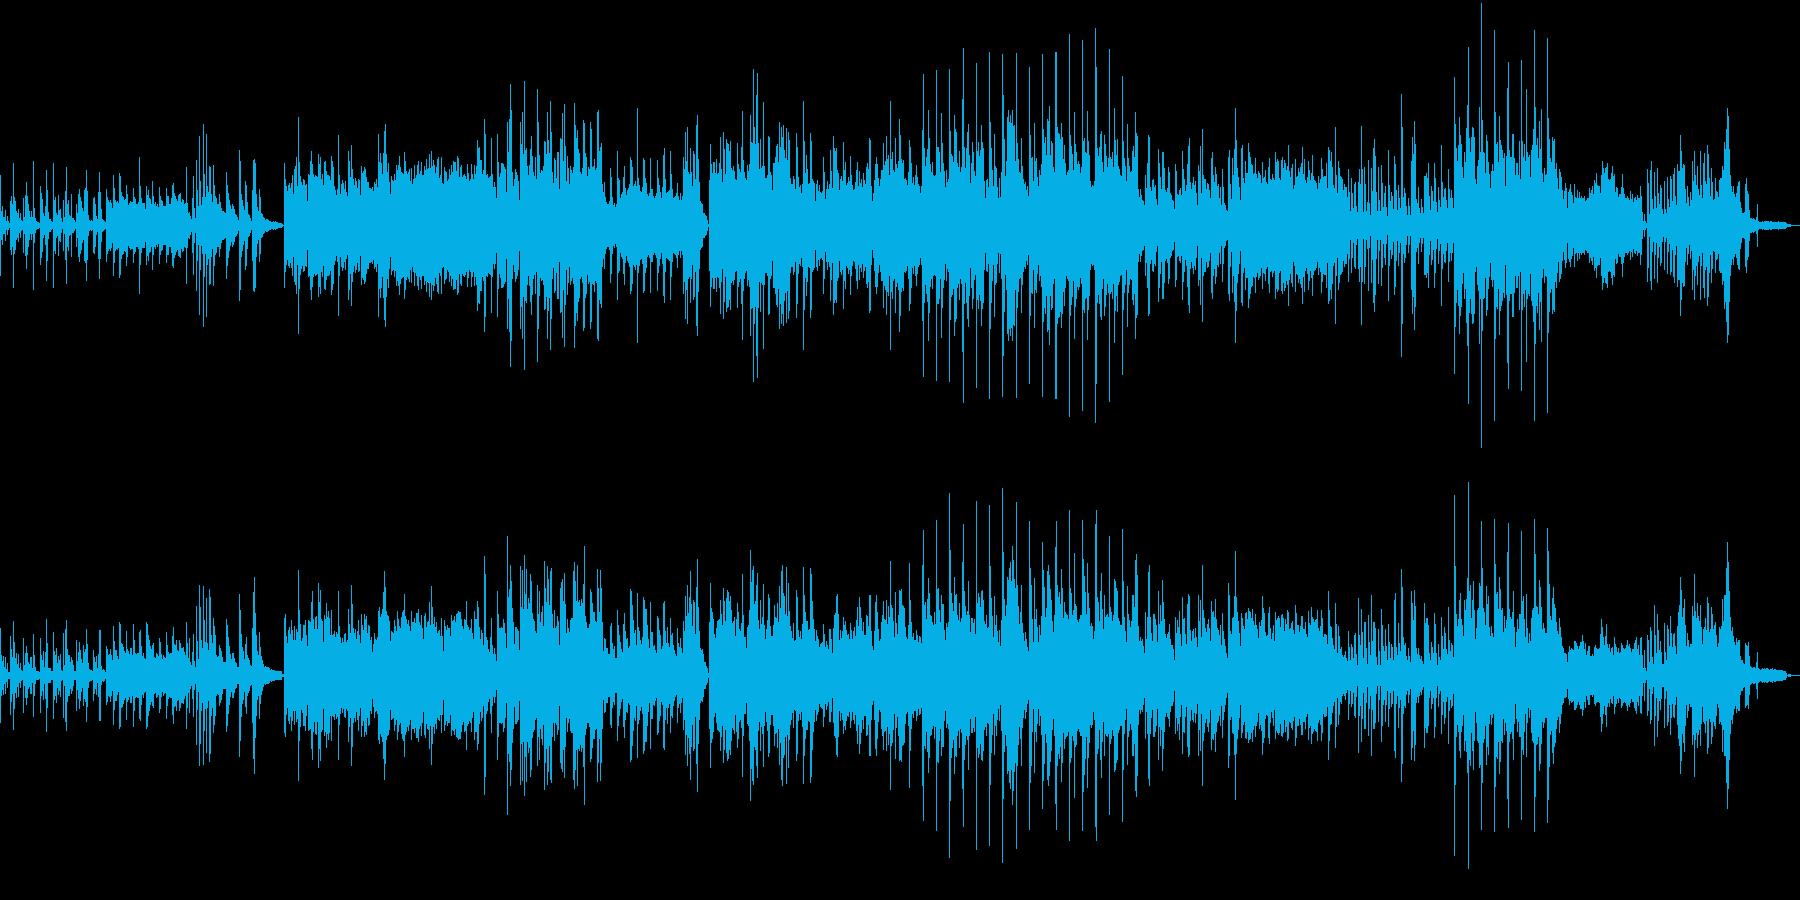 リラックス 和楽器とピアノ バラードの再生済みの波形